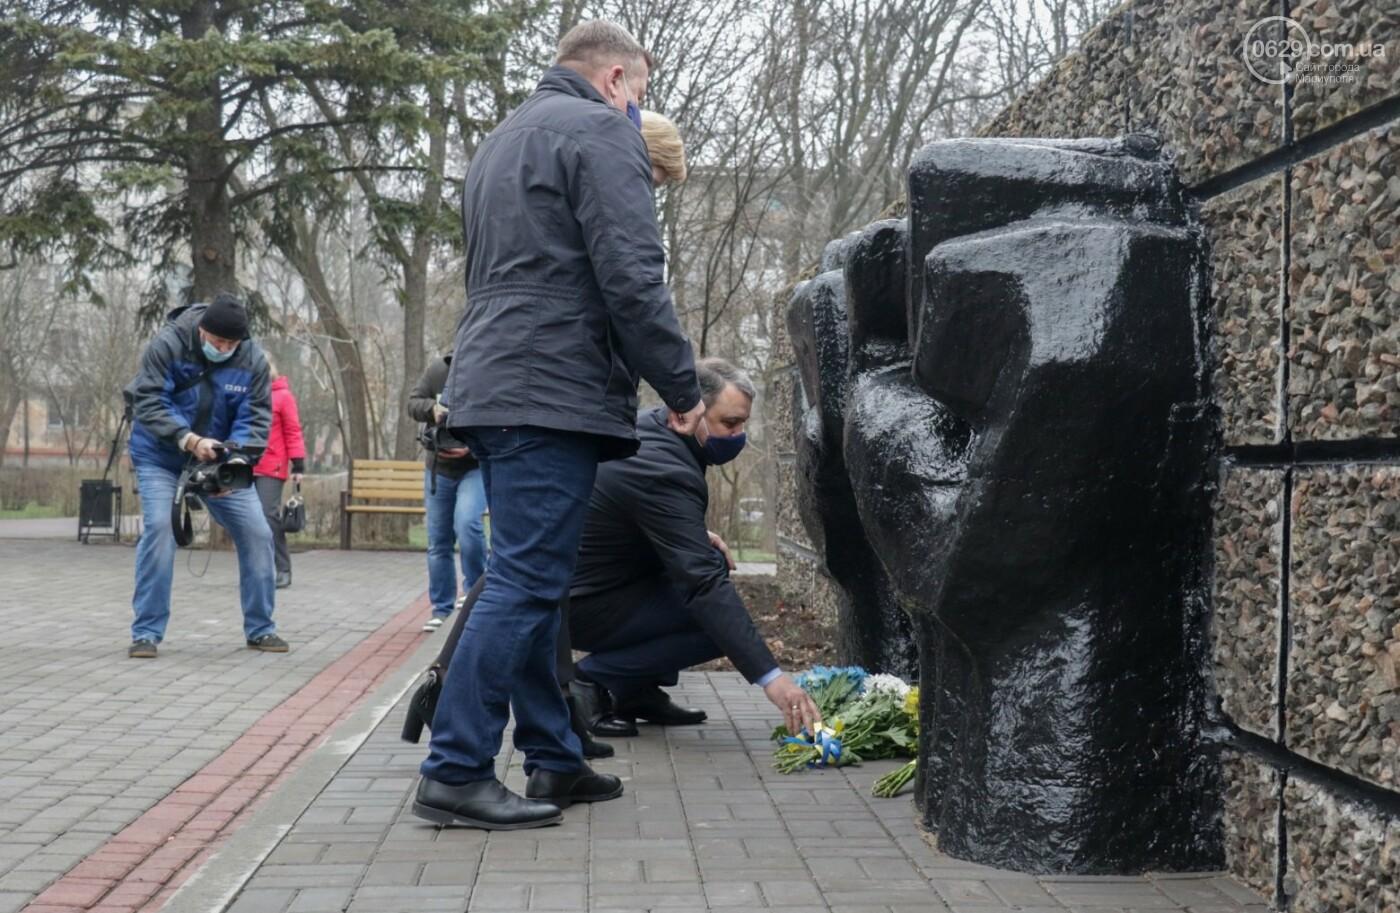 «Выкупили за 3 рейхсмарки». В Мариуполе возложили цветы в память об узниках фашистских концлагерей, - ФОТО, фото-8